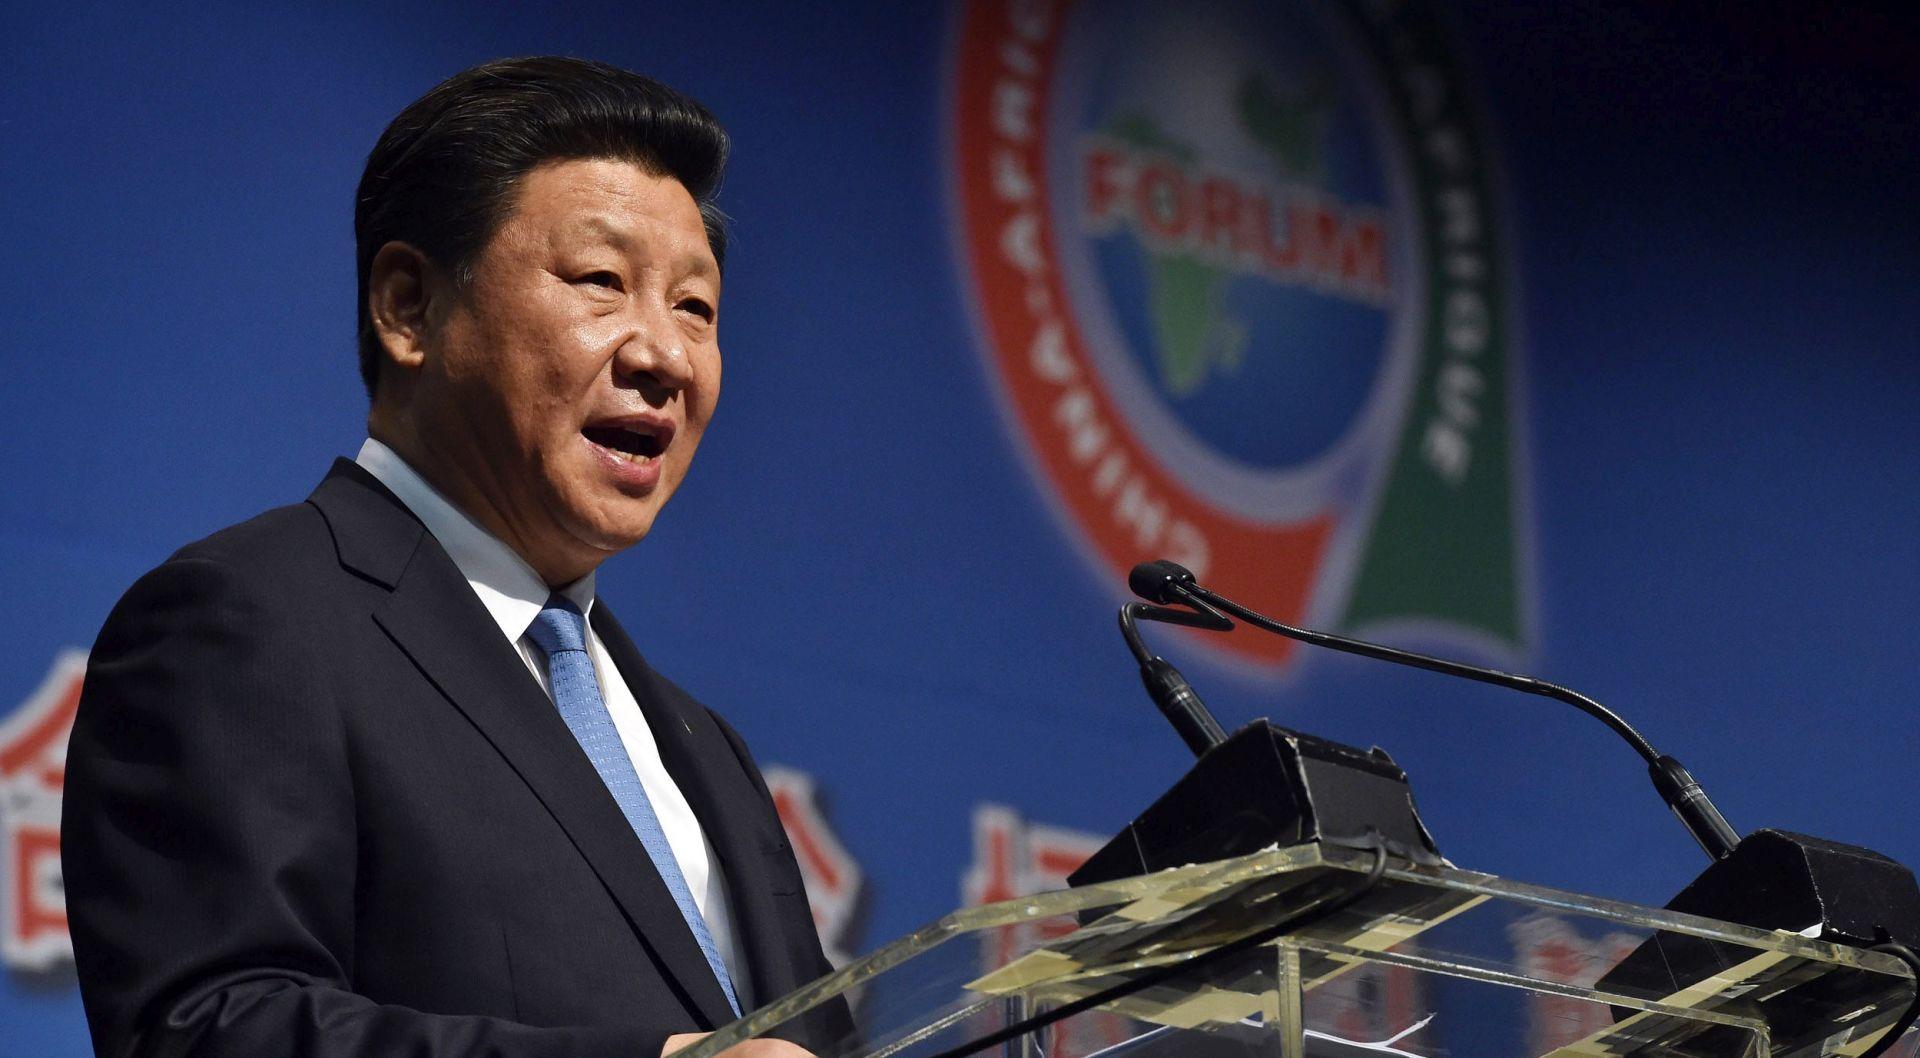 VELIKA INVESTICIJA: Kina obećala 60 milijardi dolara za razvojne projekte u Africi